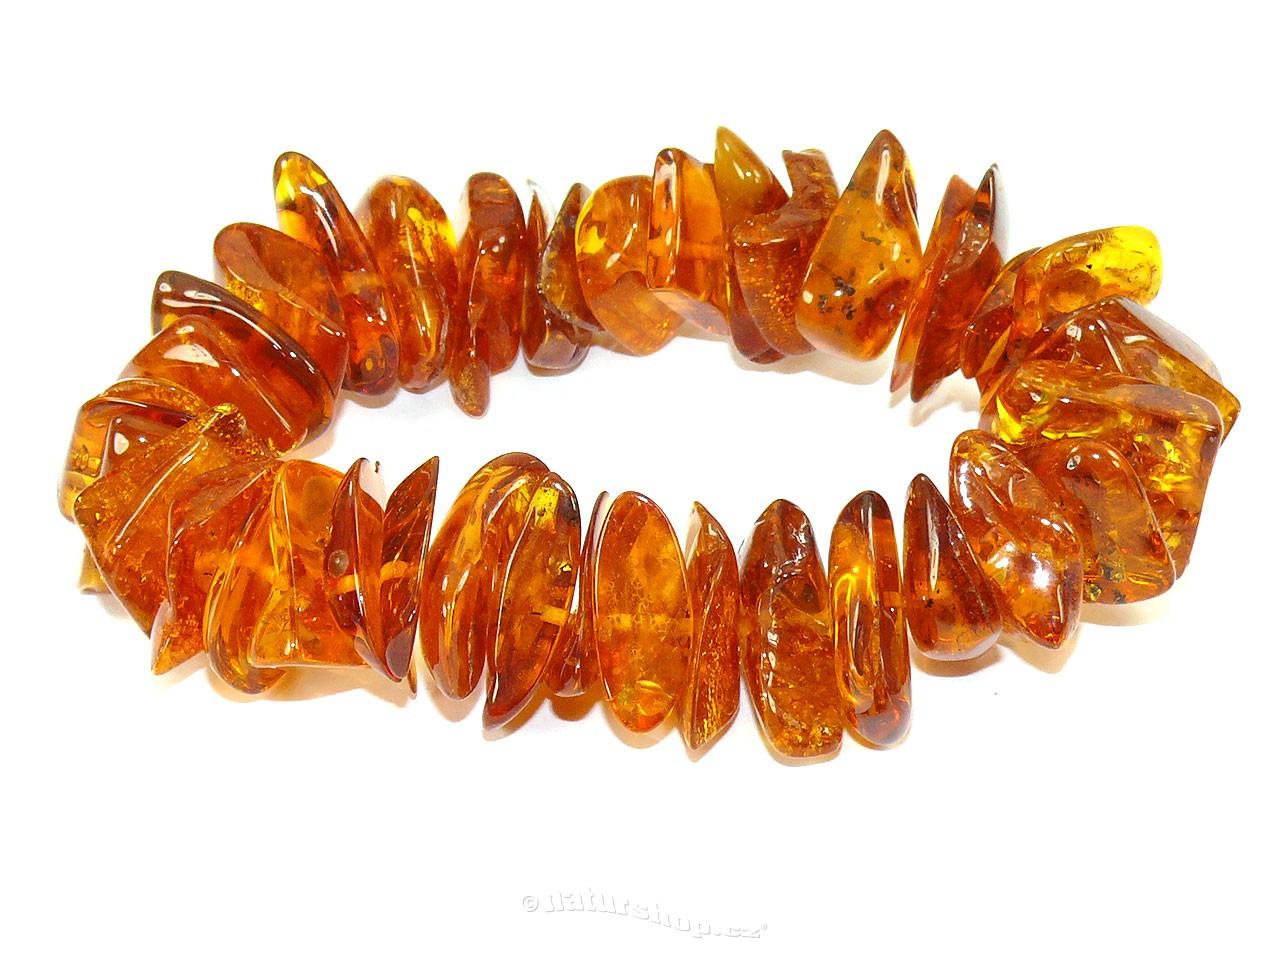 Exkluzivní náramek jantar velké kameny medové 37g